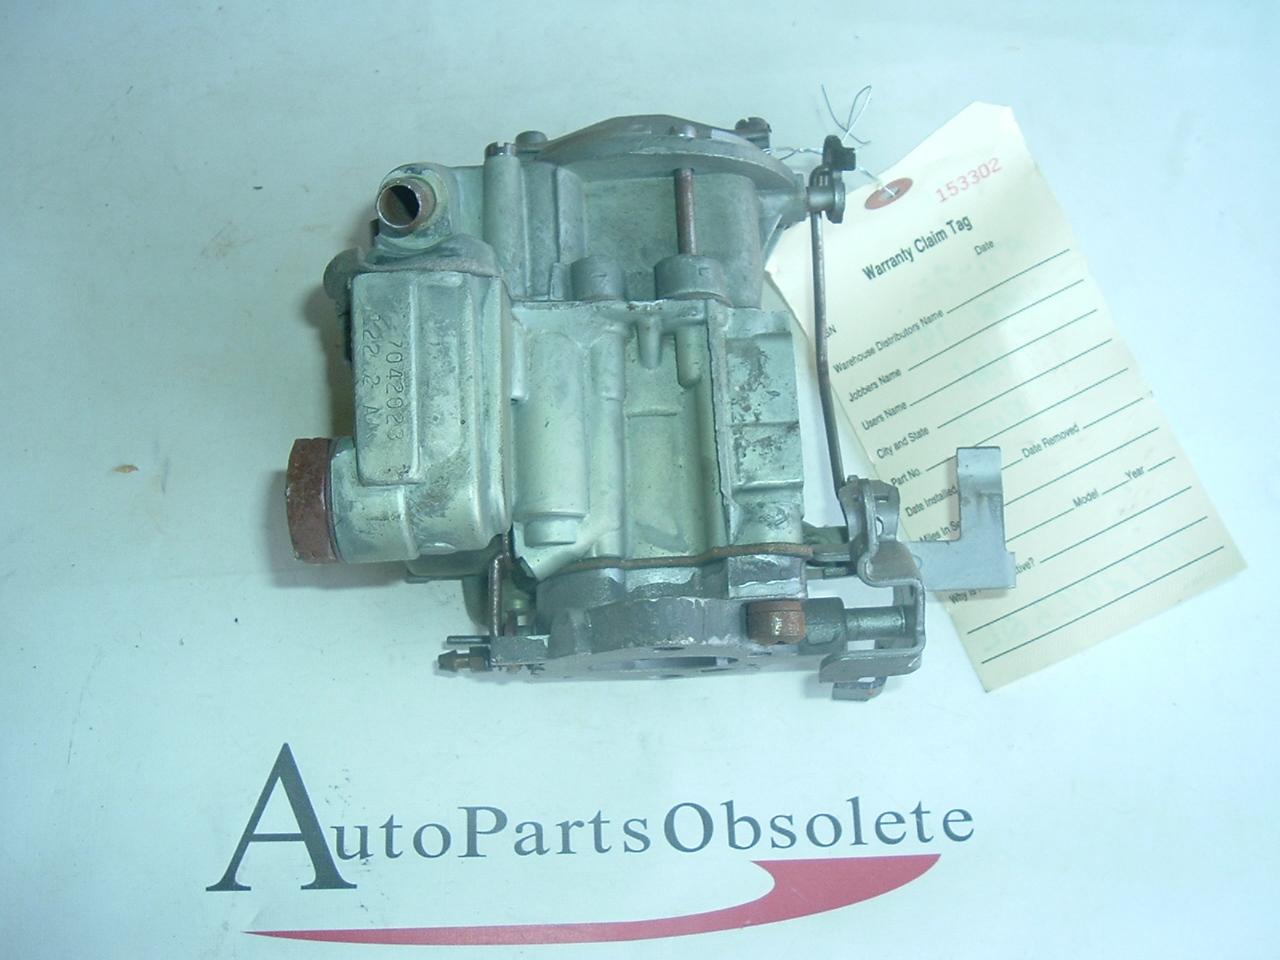 1971 1972 chevrolet vega carburetor 1bbl 7042023 (A 7042023ql)